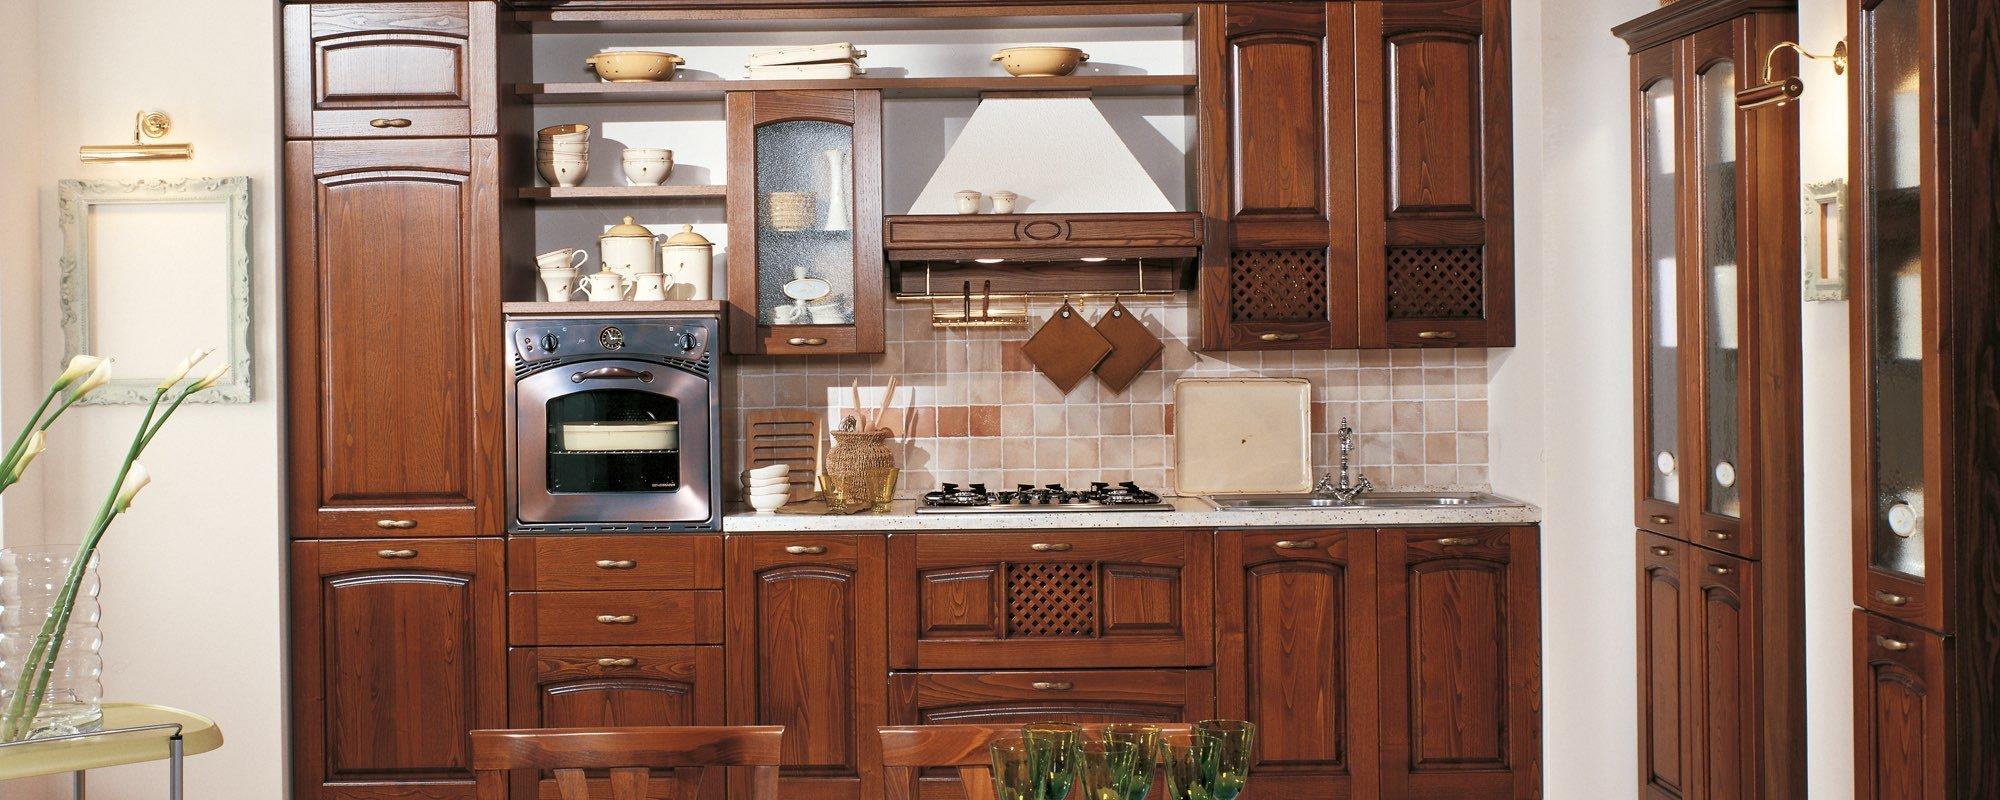 vista frontale di una cucina classica in legno -FOCOLARE